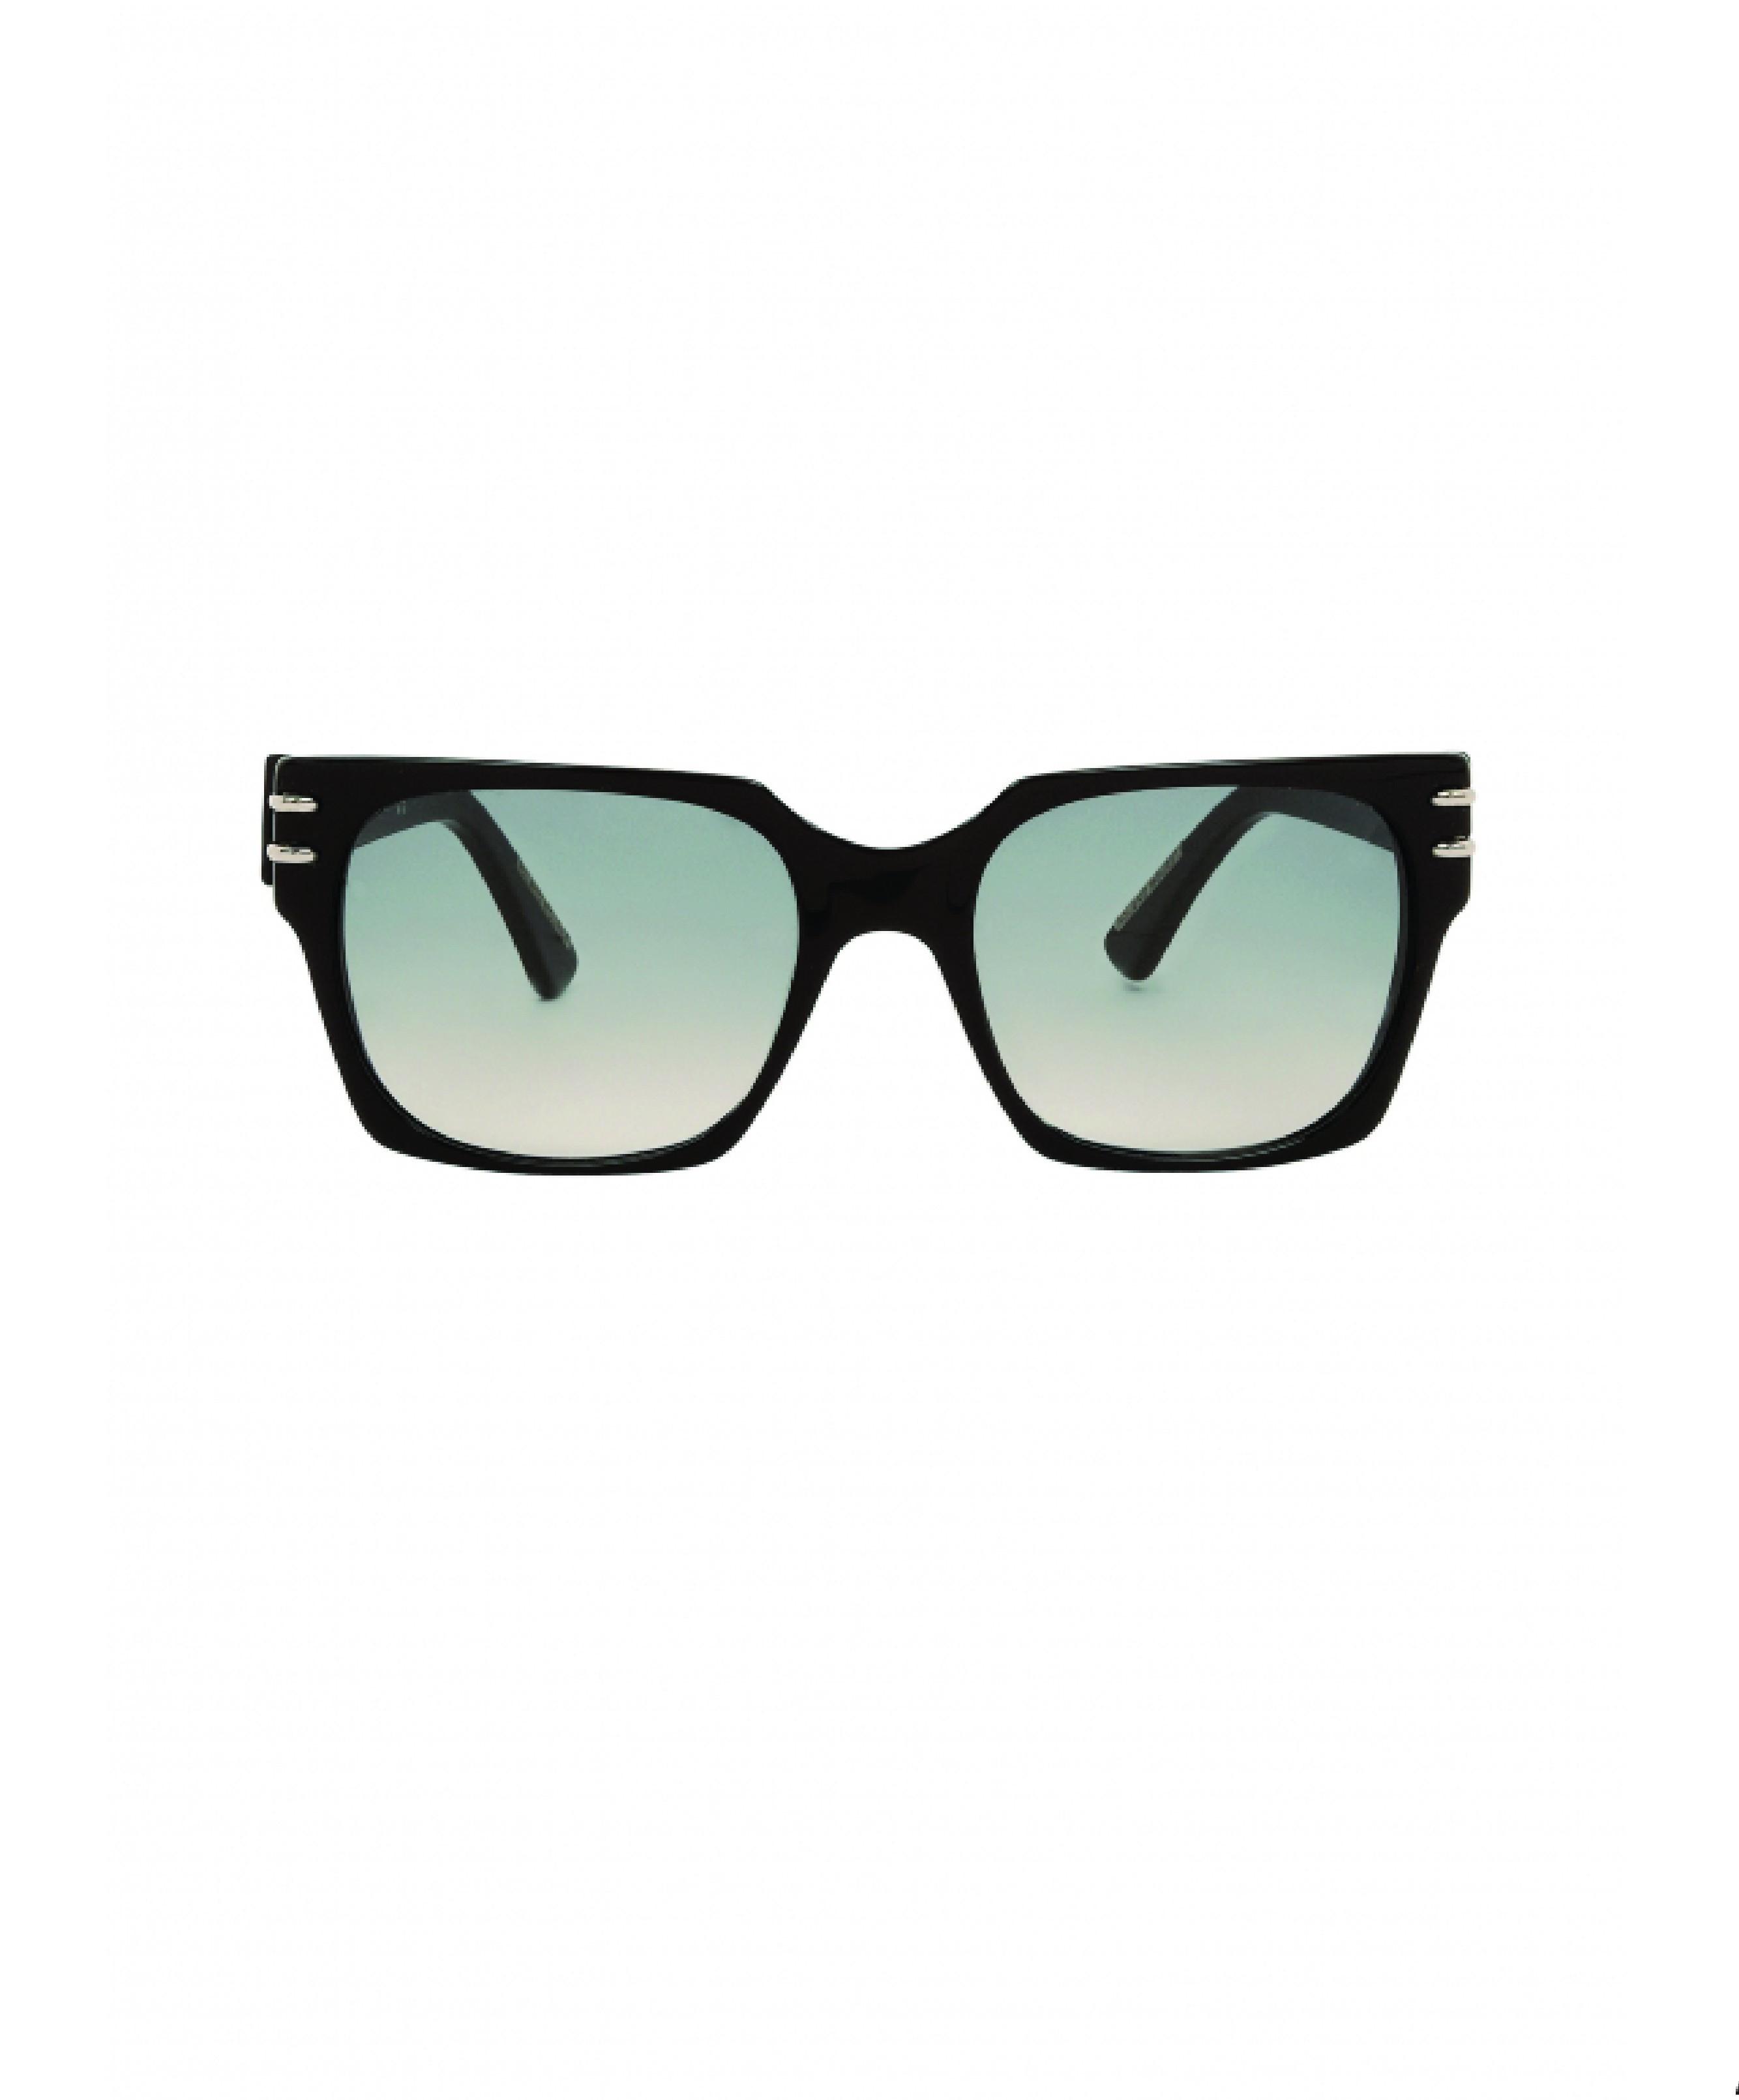 Vogue optical deals